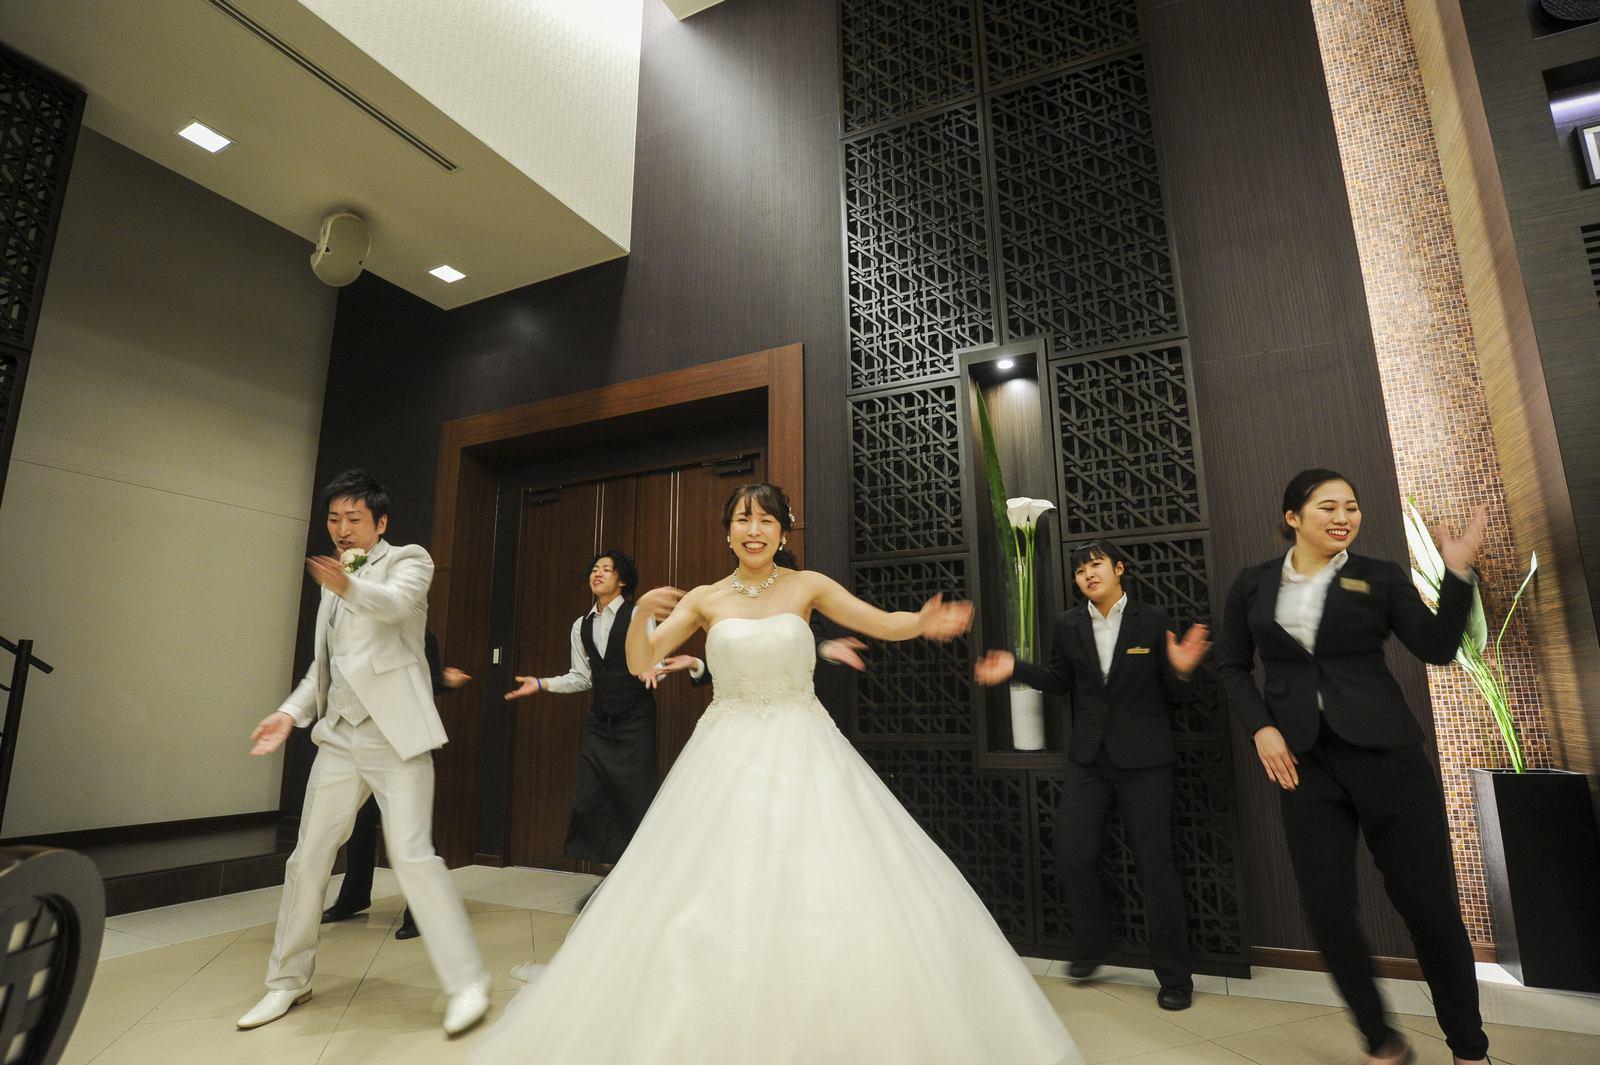 徳島市の結婚式場ブランアンジュで披露宴で新郎新婦様も一緒にフラッシュモブのサプライズスタート